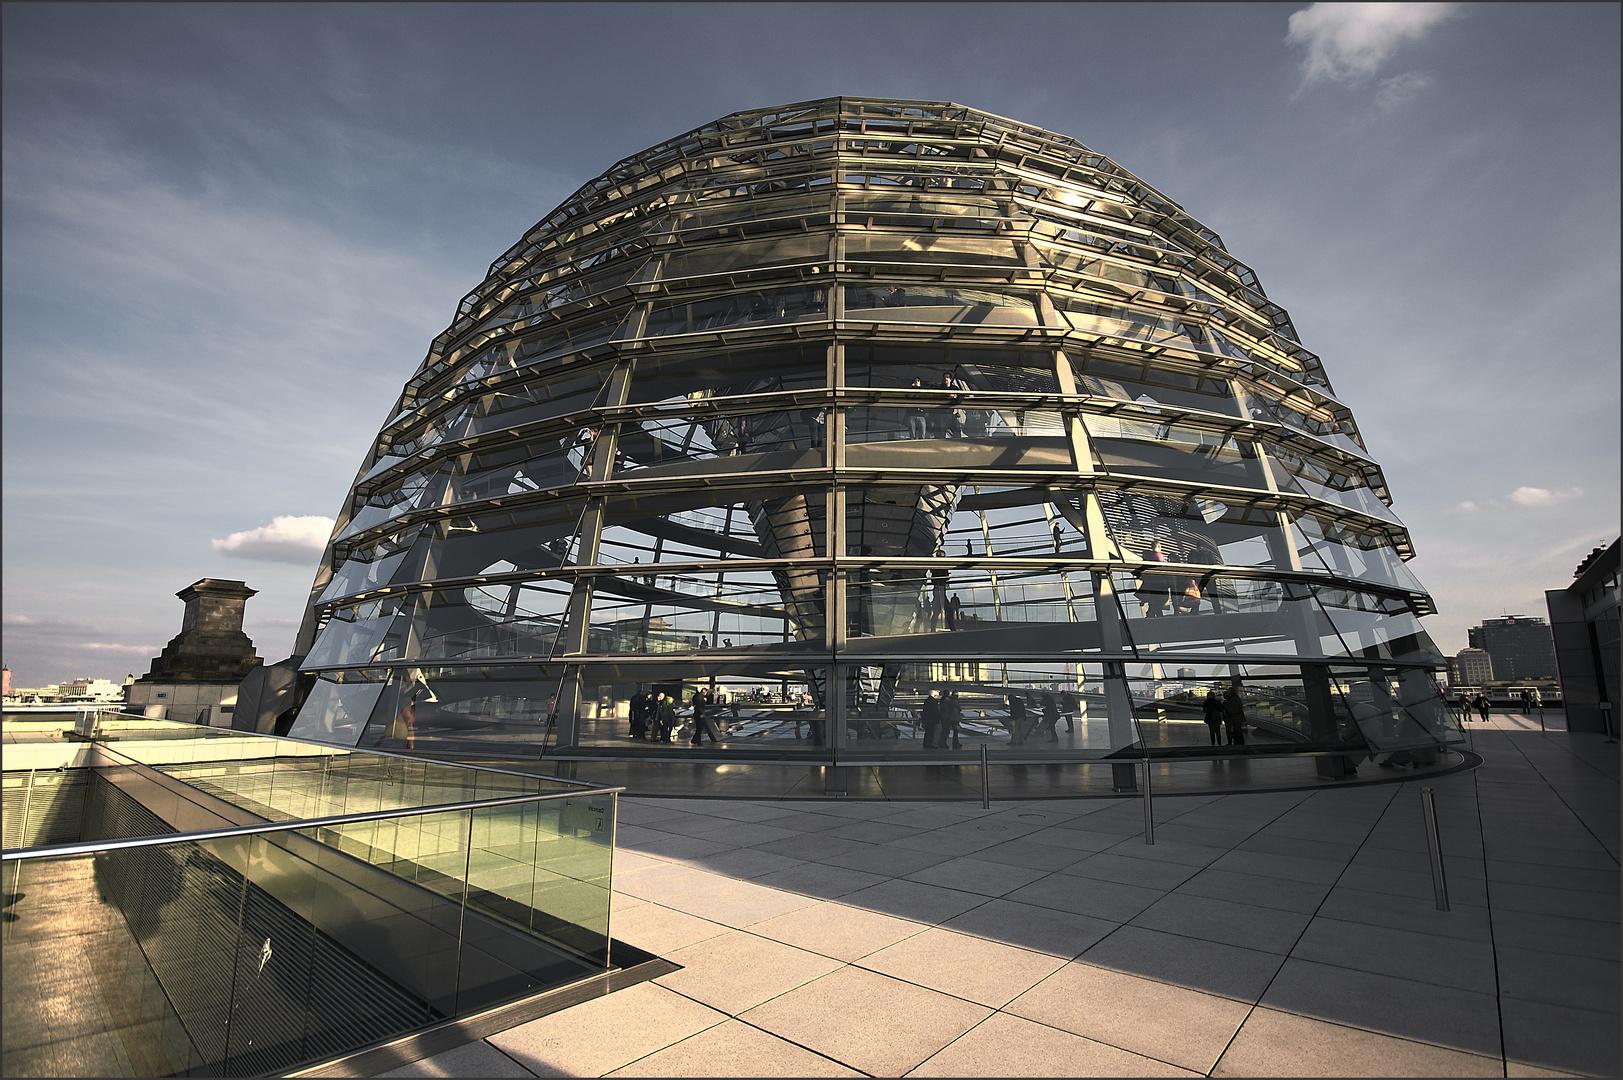 Kuppel Reichstag